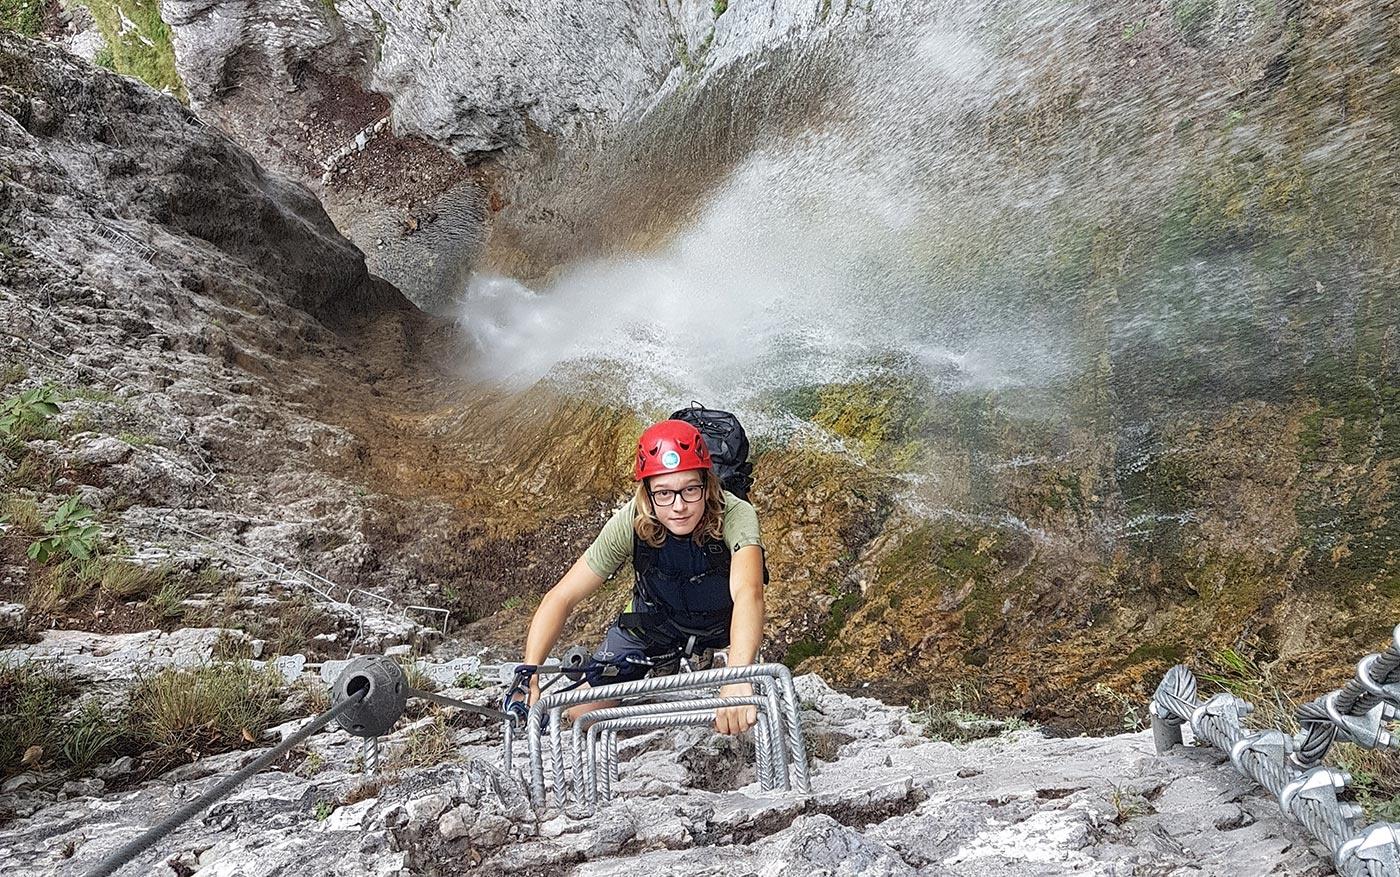 Salita verticale con cascata sulla Via ferrata Ballino